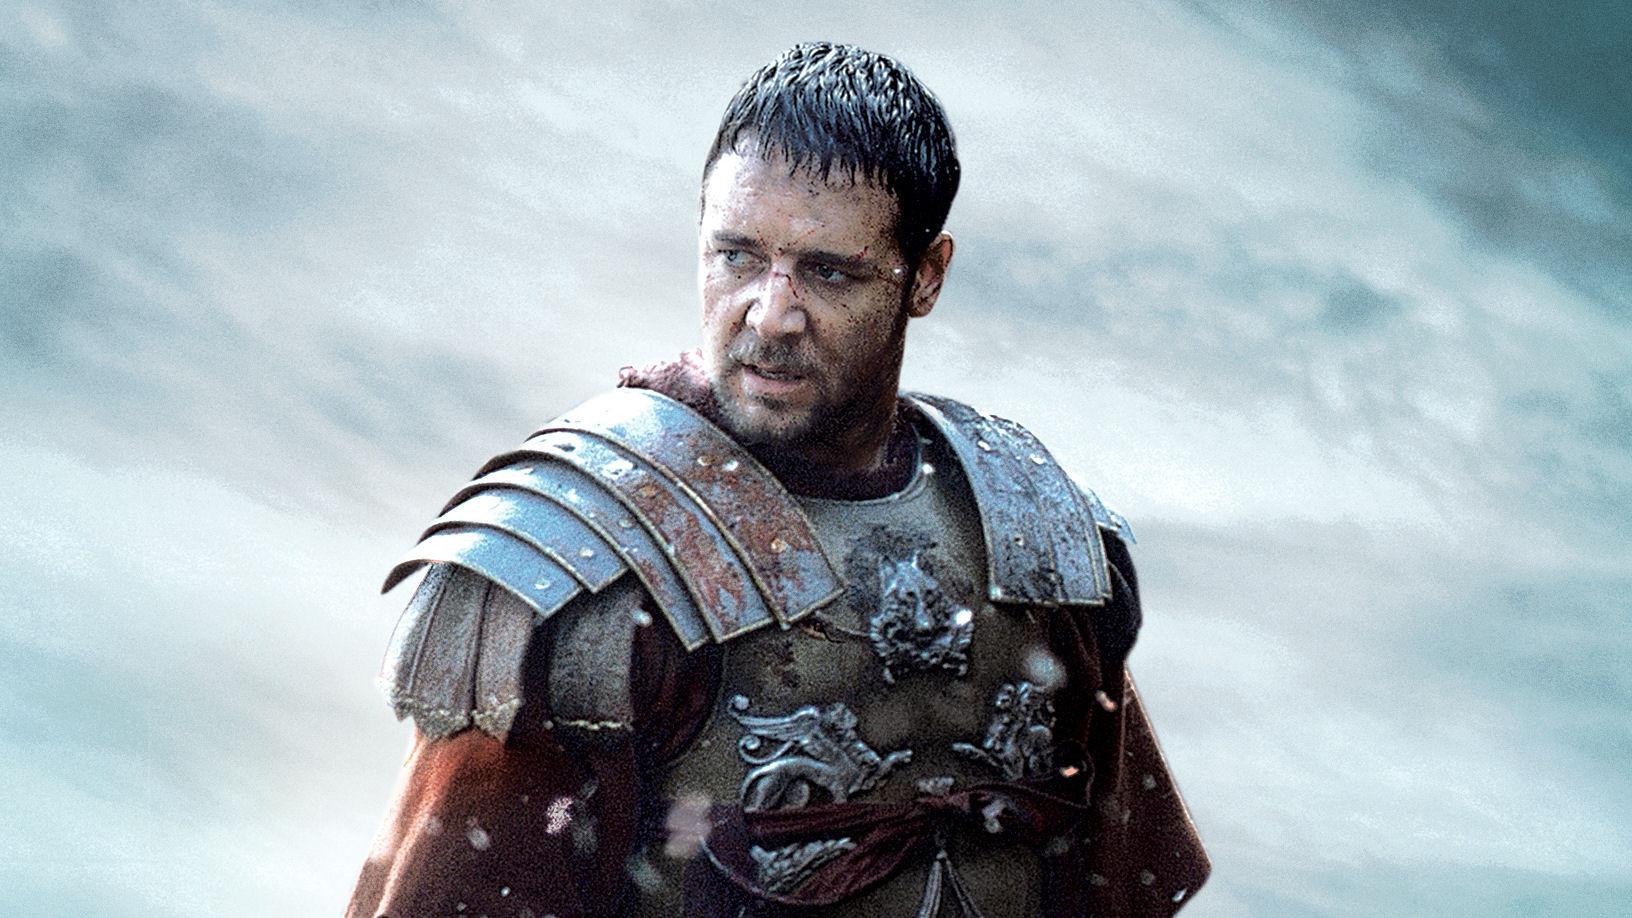 Gladiator Vs Braveheart La Batalla De Las Frases